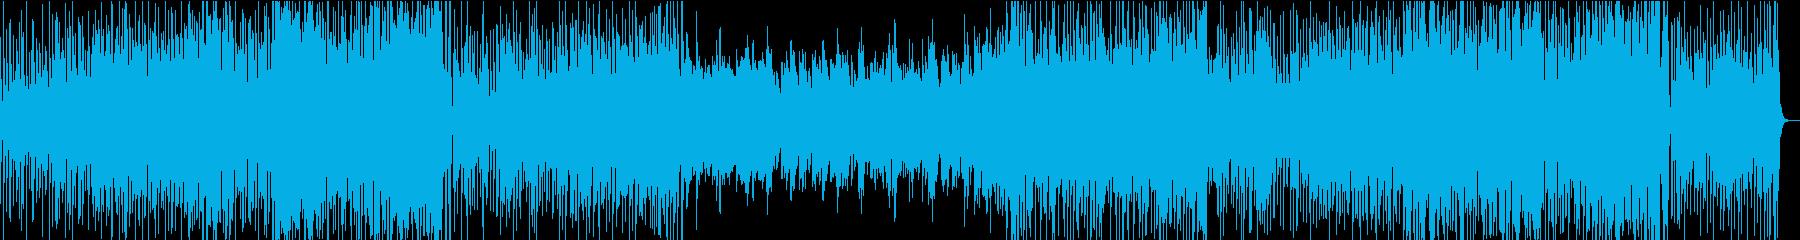 テクニカル、パーカッシブなアコギ曲の再生済みの波形